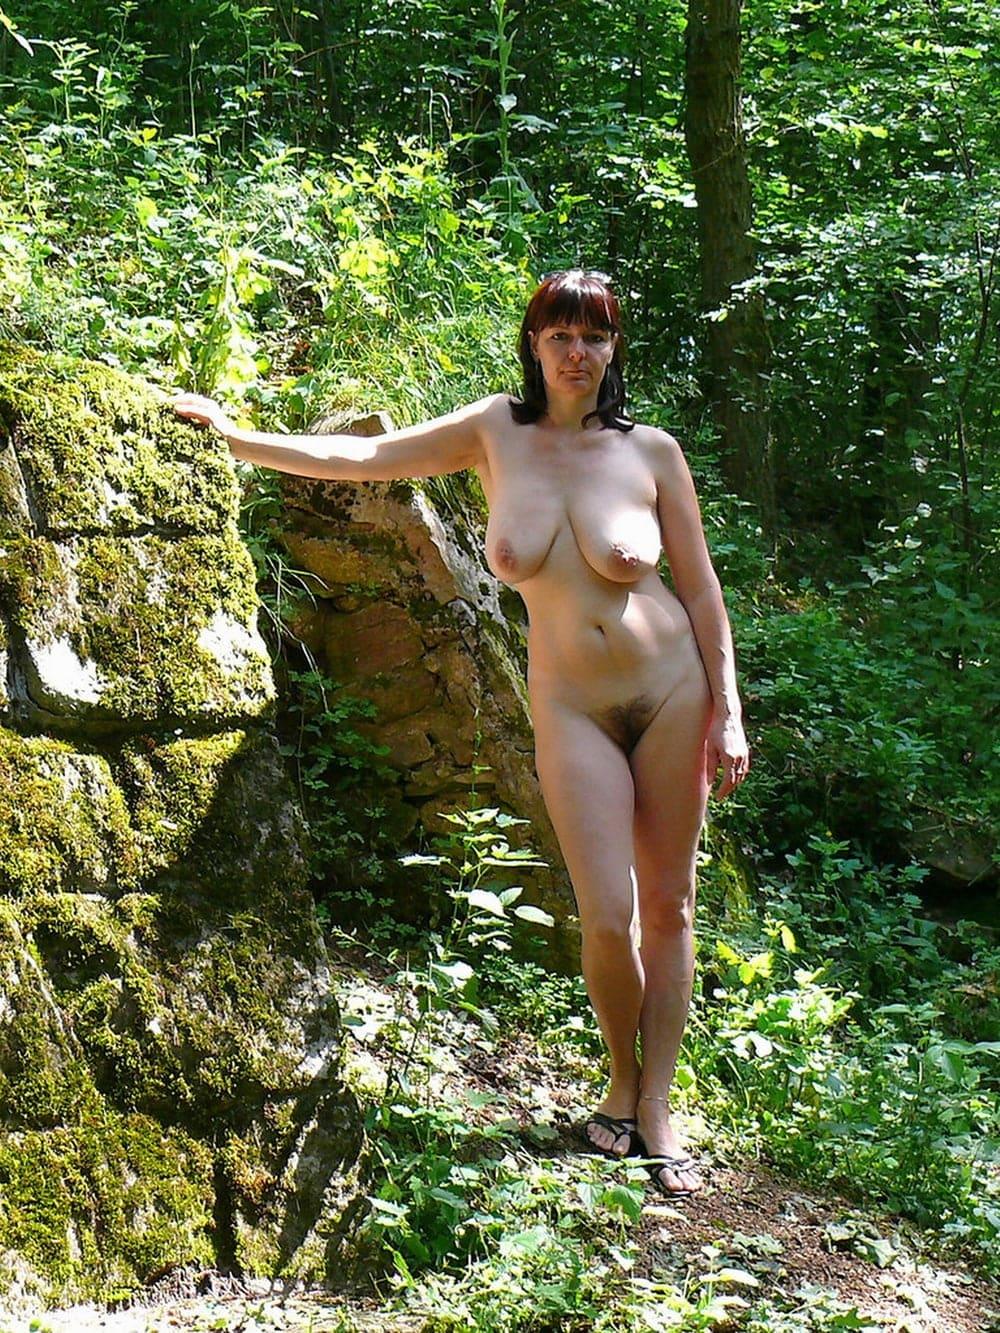 Зрелые волосатые женщины на природе стоит голая возле камня во весь рост, сиськи висят